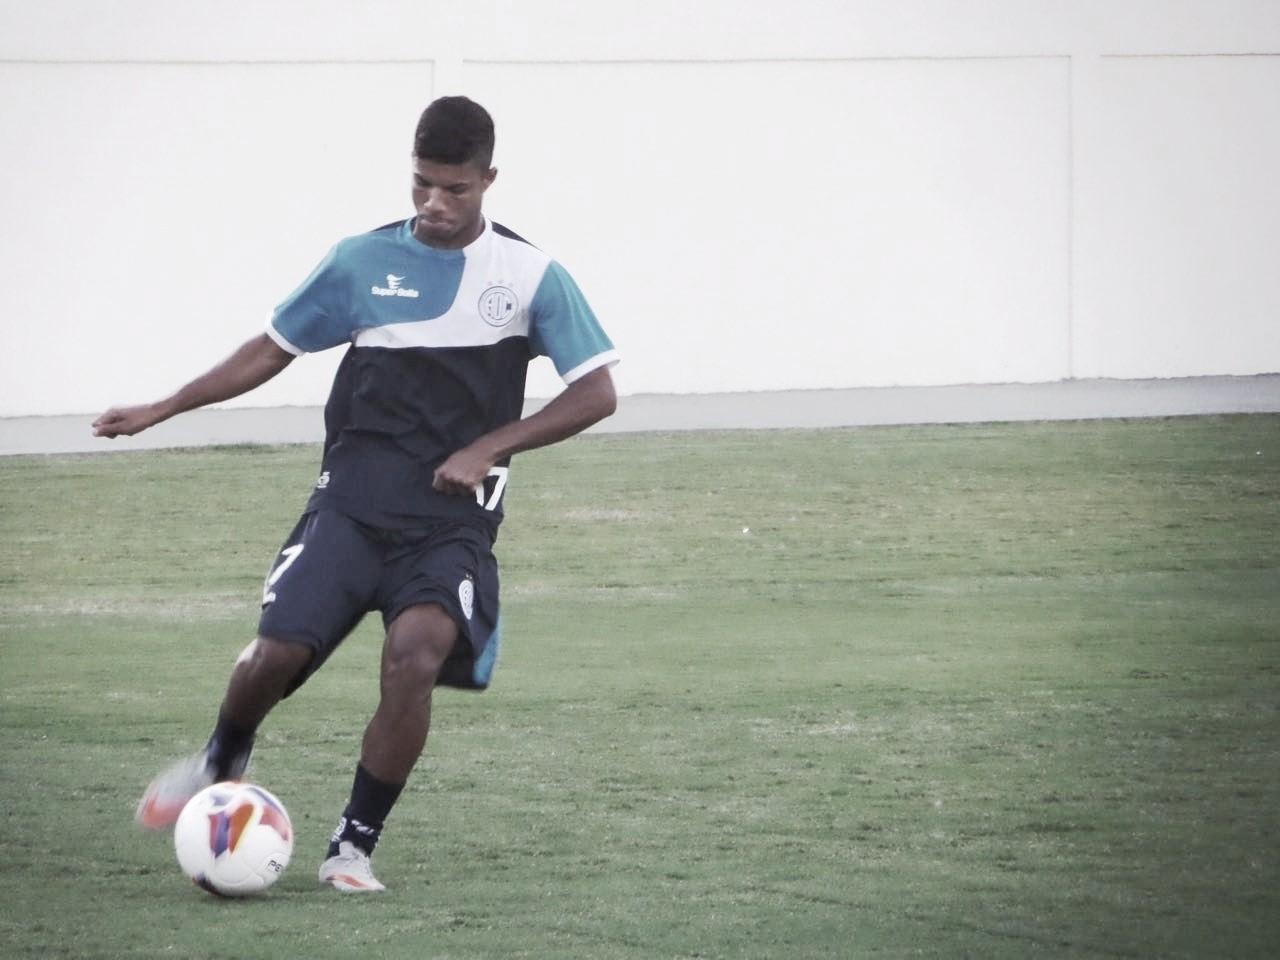 Com rodagem no cenário nacional, Caíque Sá retorna ao Confiança para disputa da Série B